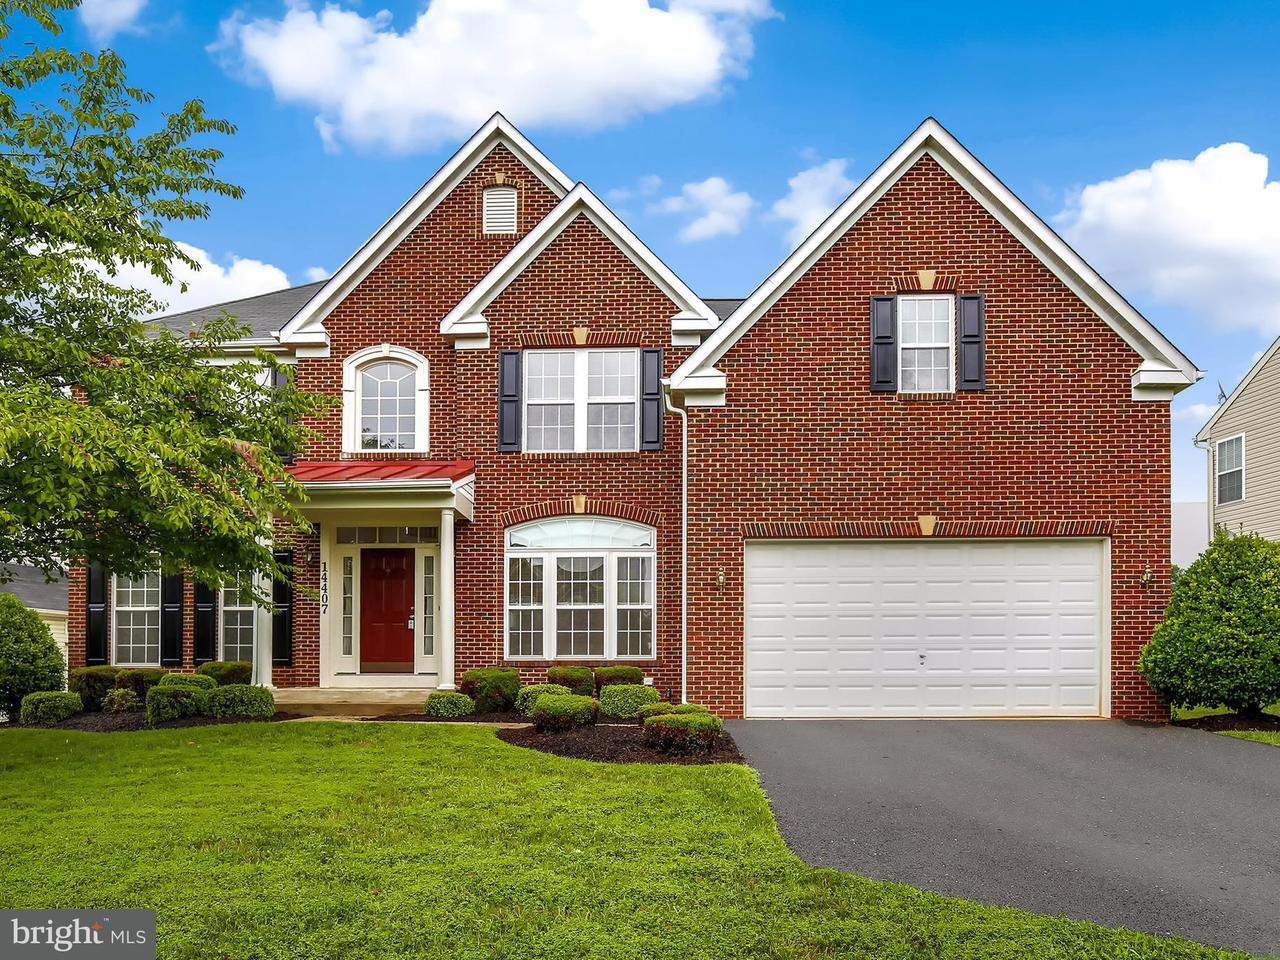 獨棟家庭住宅 為 出售 在 14407 AUTUMN CREST Road 14407 AUTUMN CREST Road Boyds, 馬里蘭州 20841 美國